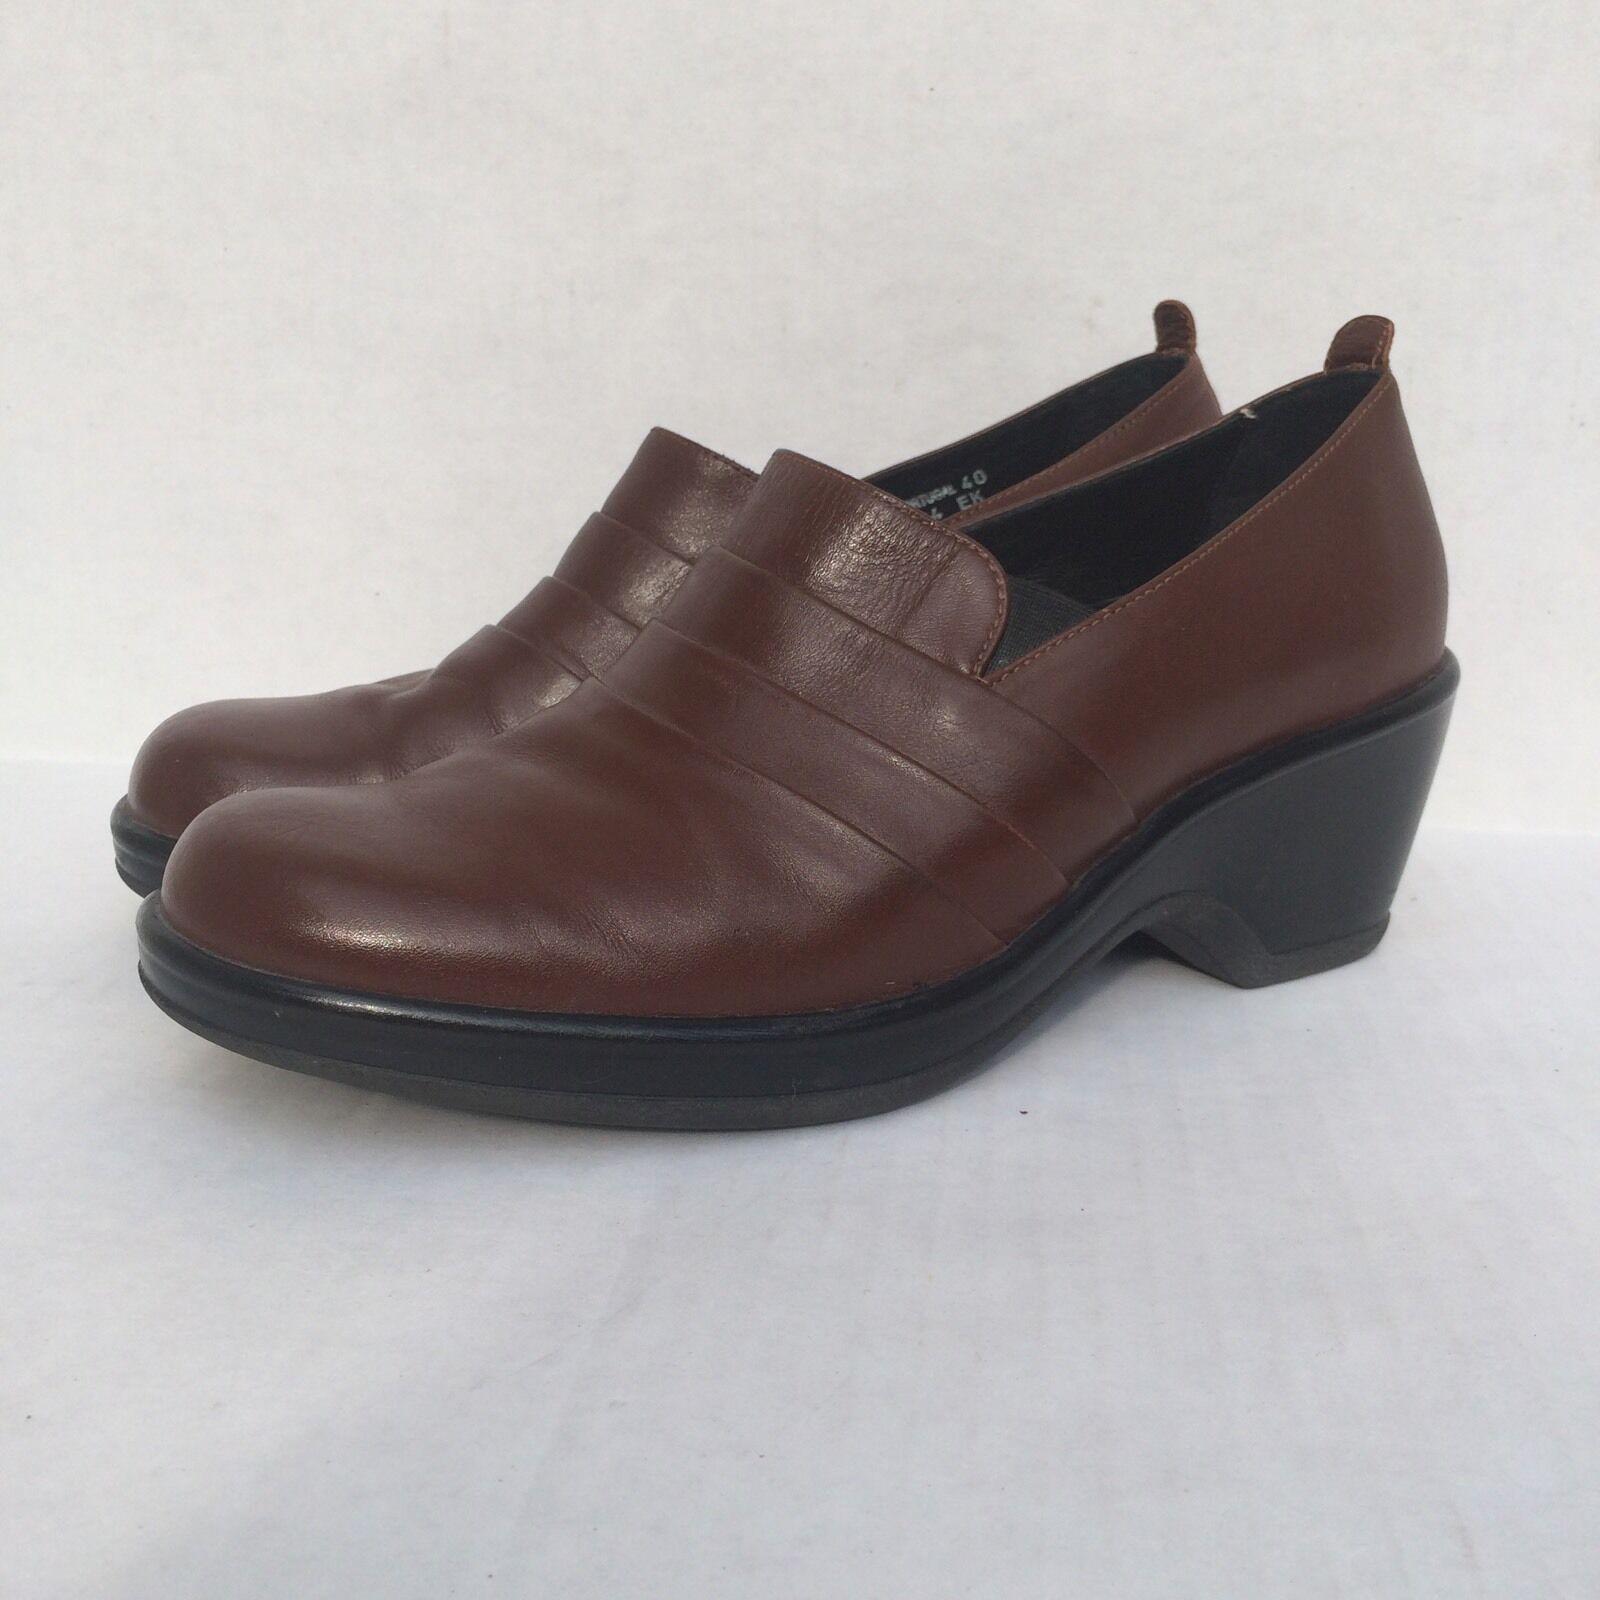 Dansko Chaussures en cuir marron foncé Sabots Mocassins Slip-on Confort Sz 40 9.5 10